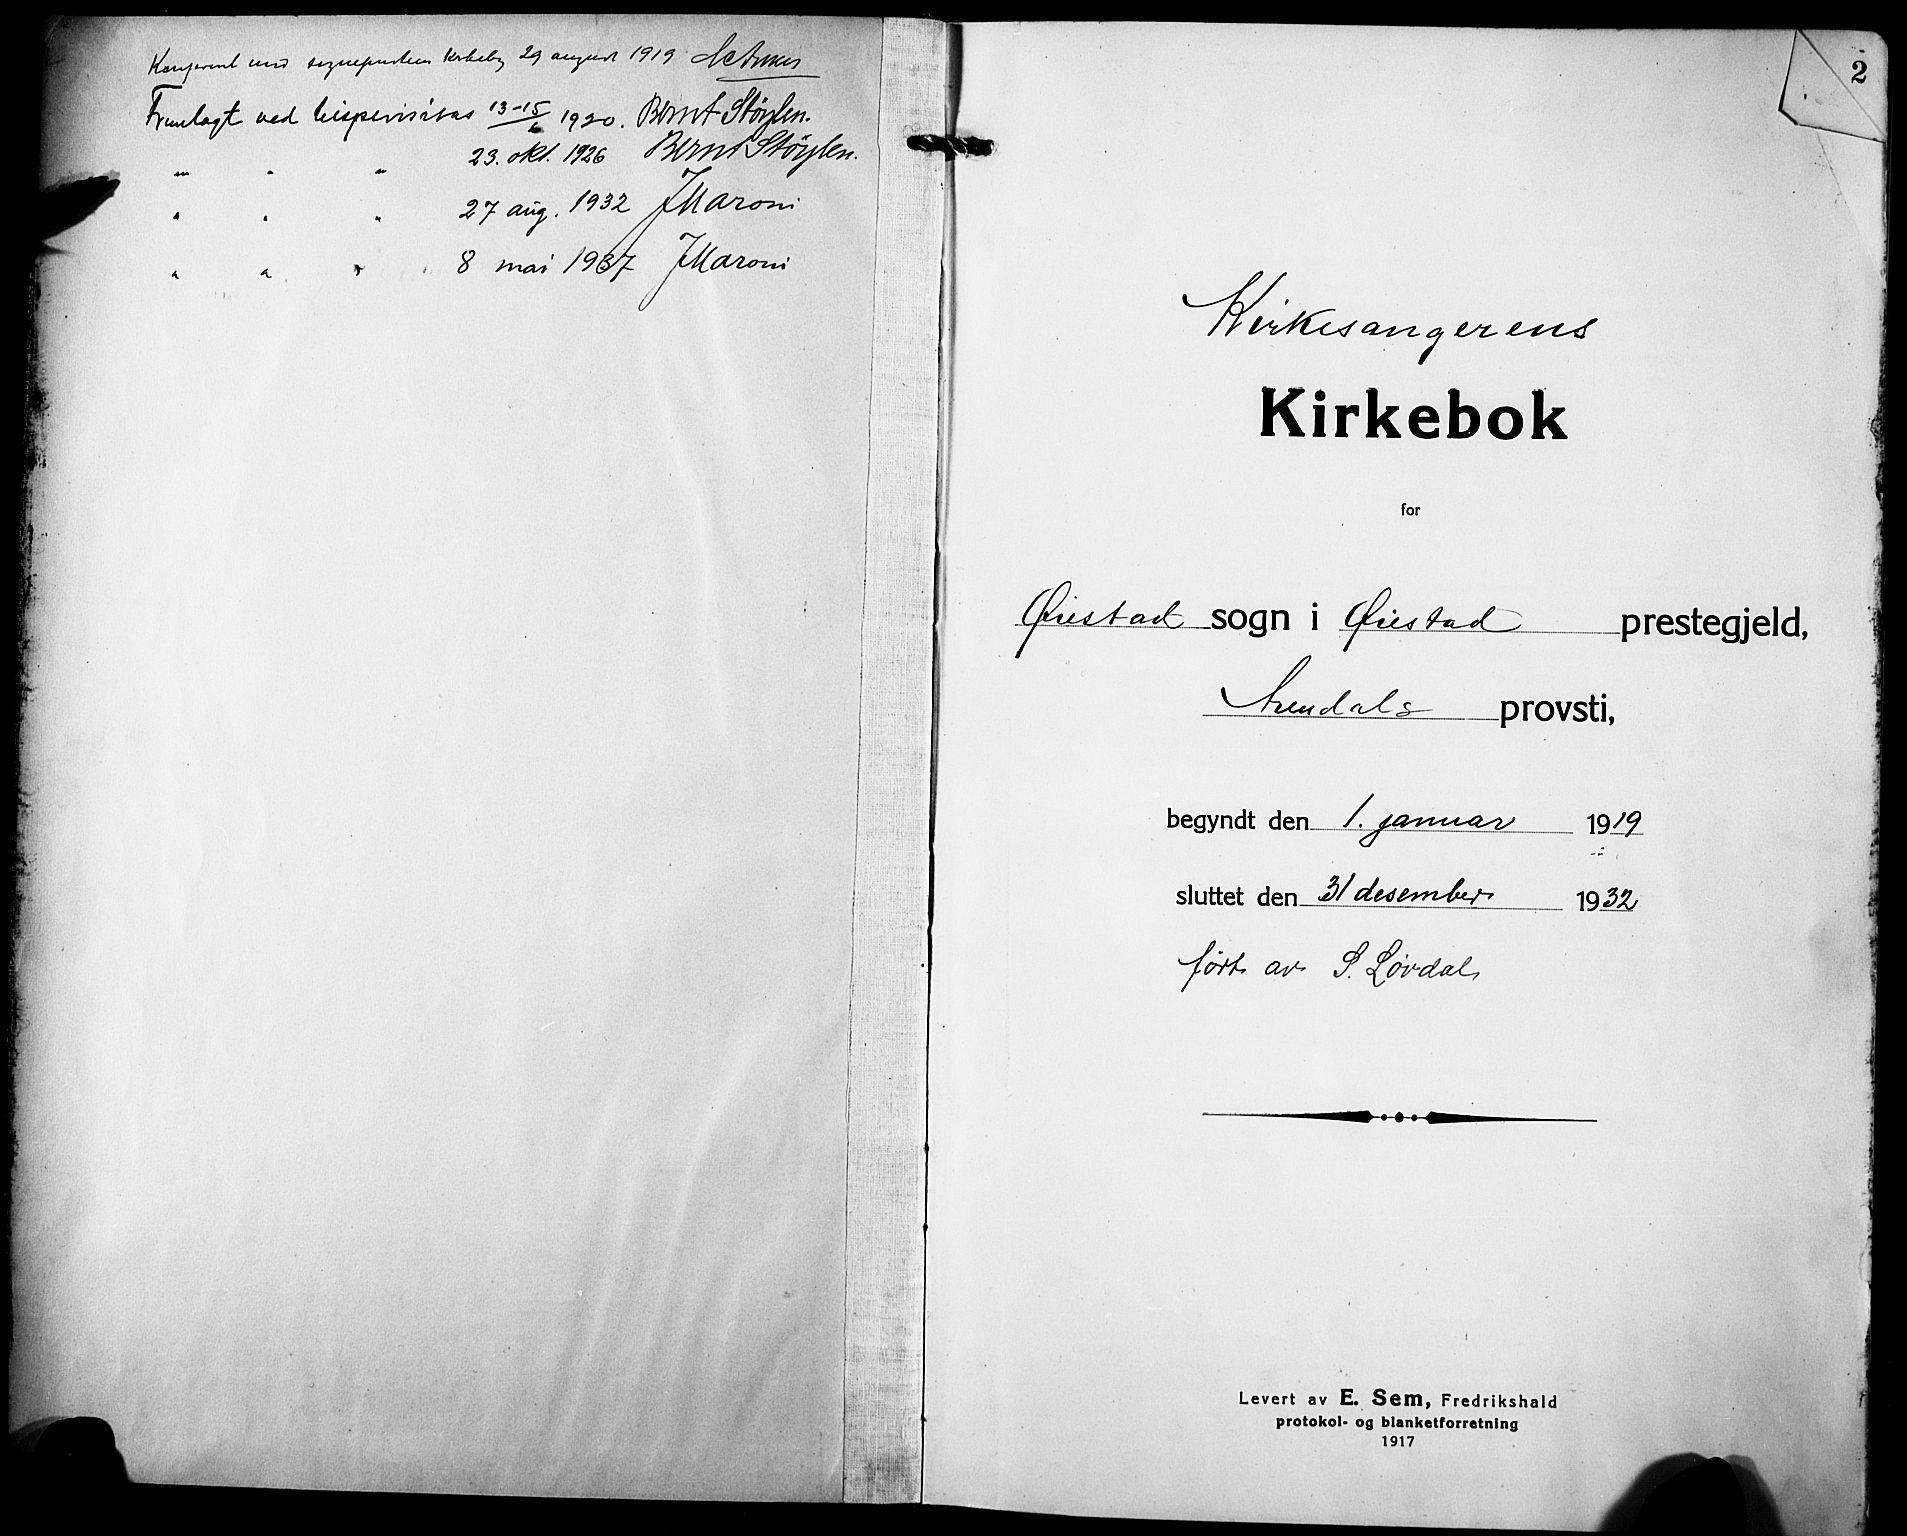 SAK, Øyestad sokneprestkontor, F/Fb/L0012: Klokkerbok nr. B 12, 1919-1932, s. 1